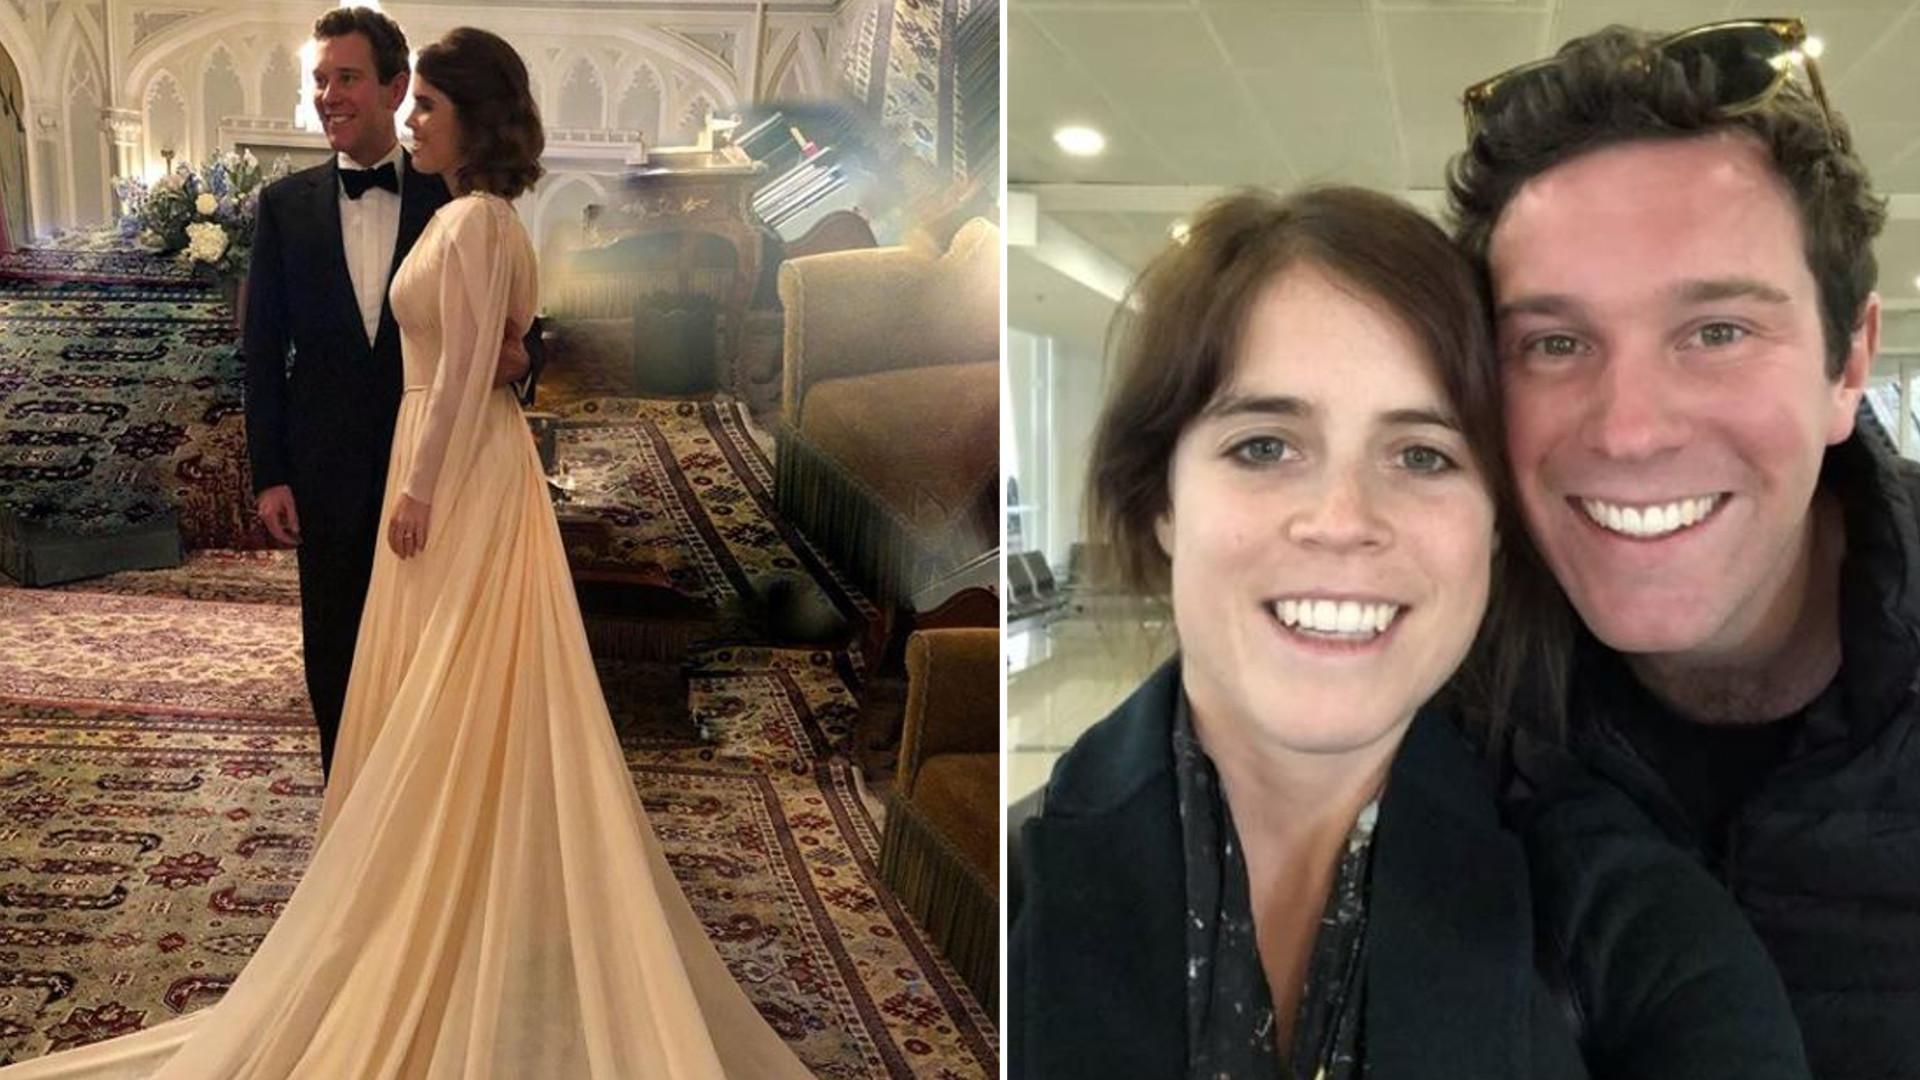 Księżniczka Eugenia wspomina bajkowy ślub. Pokazała nigdy dotąd niepublikowane zdjęcia